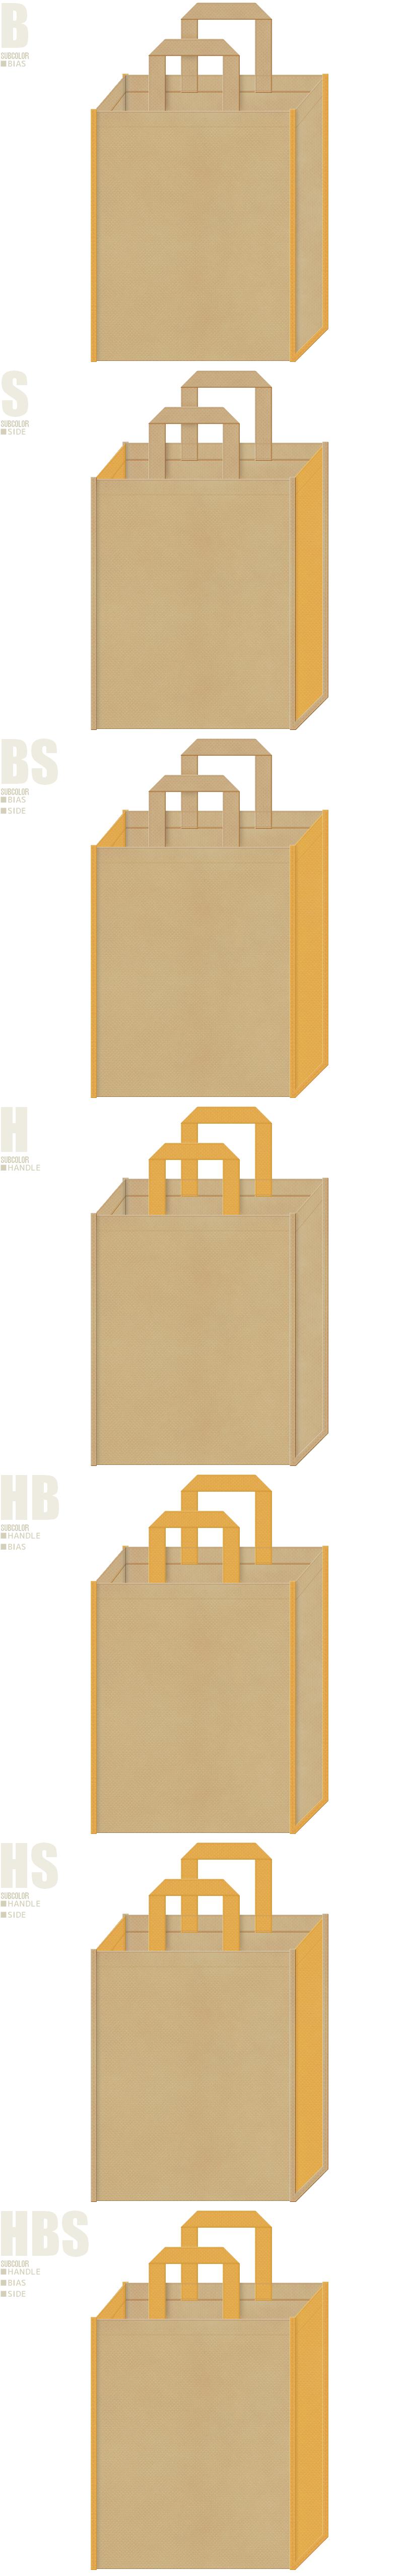 絵本・おとぎ話・木工・DIY・工作教室・クッキー・お料理教室・菓子パン・ベーカリーショップにお奨めの不織布バッグデザイン:カーキ色と黄土色の配色7パターン。